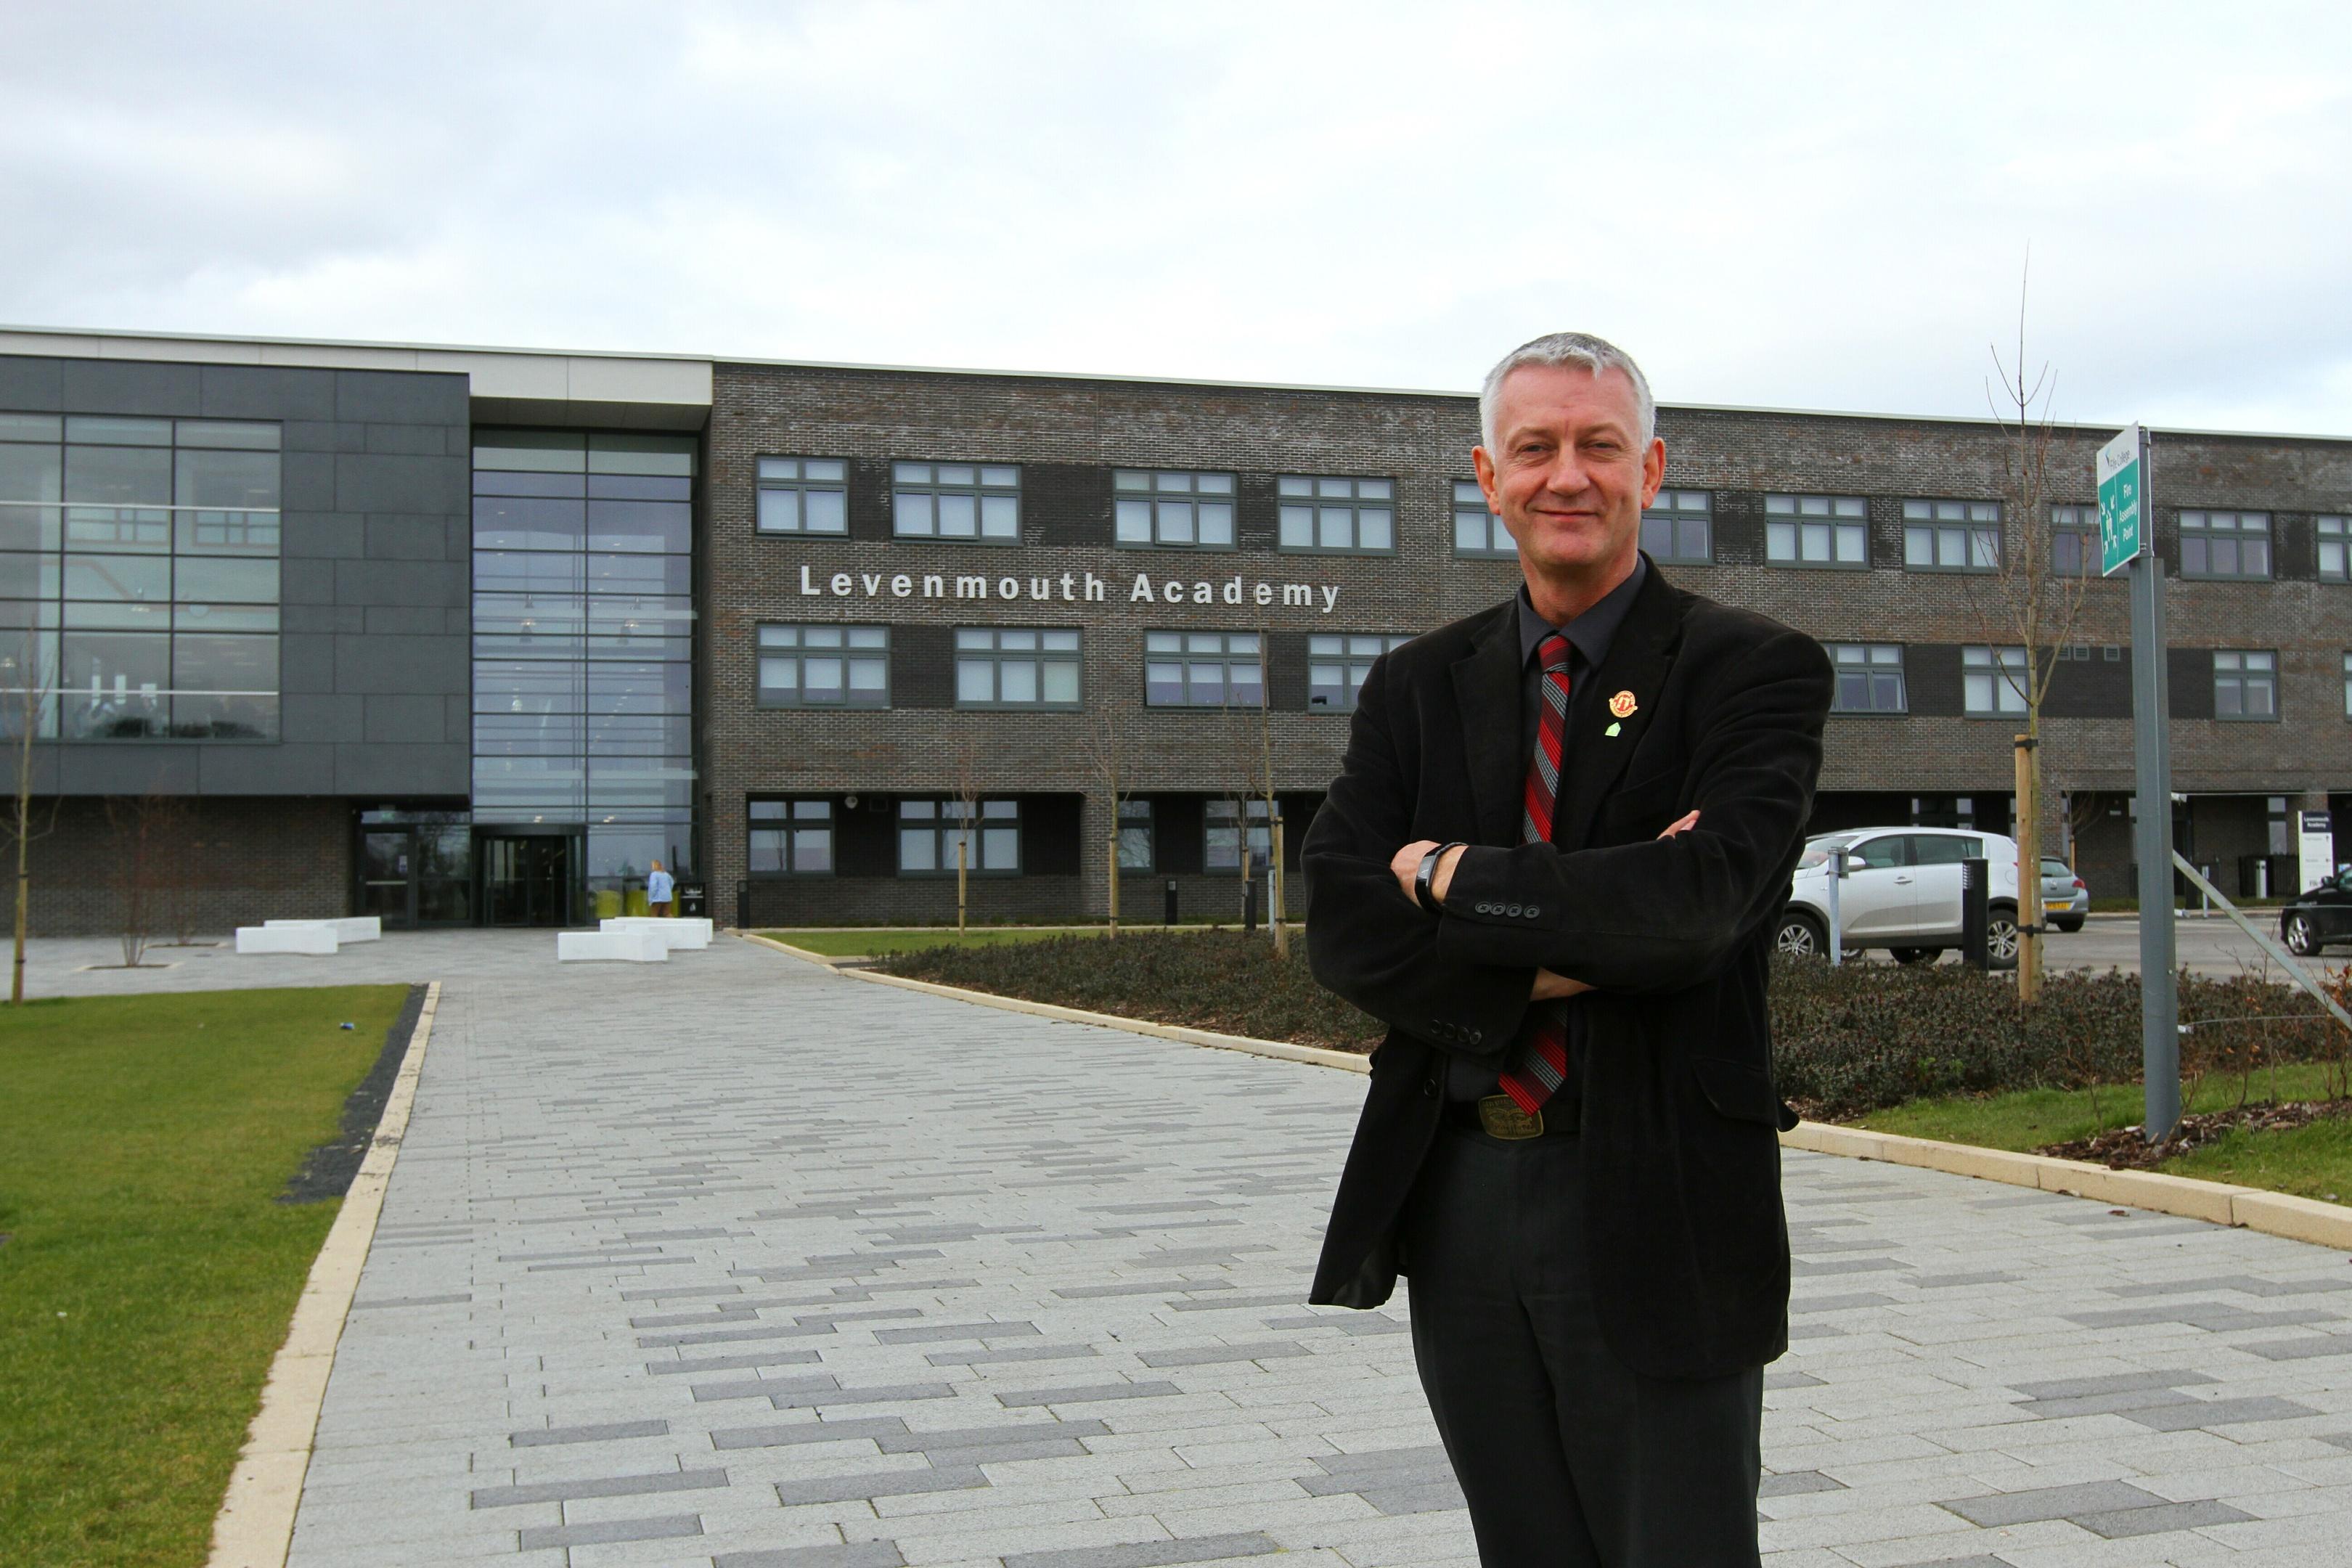 Councillor Adams has praised the school